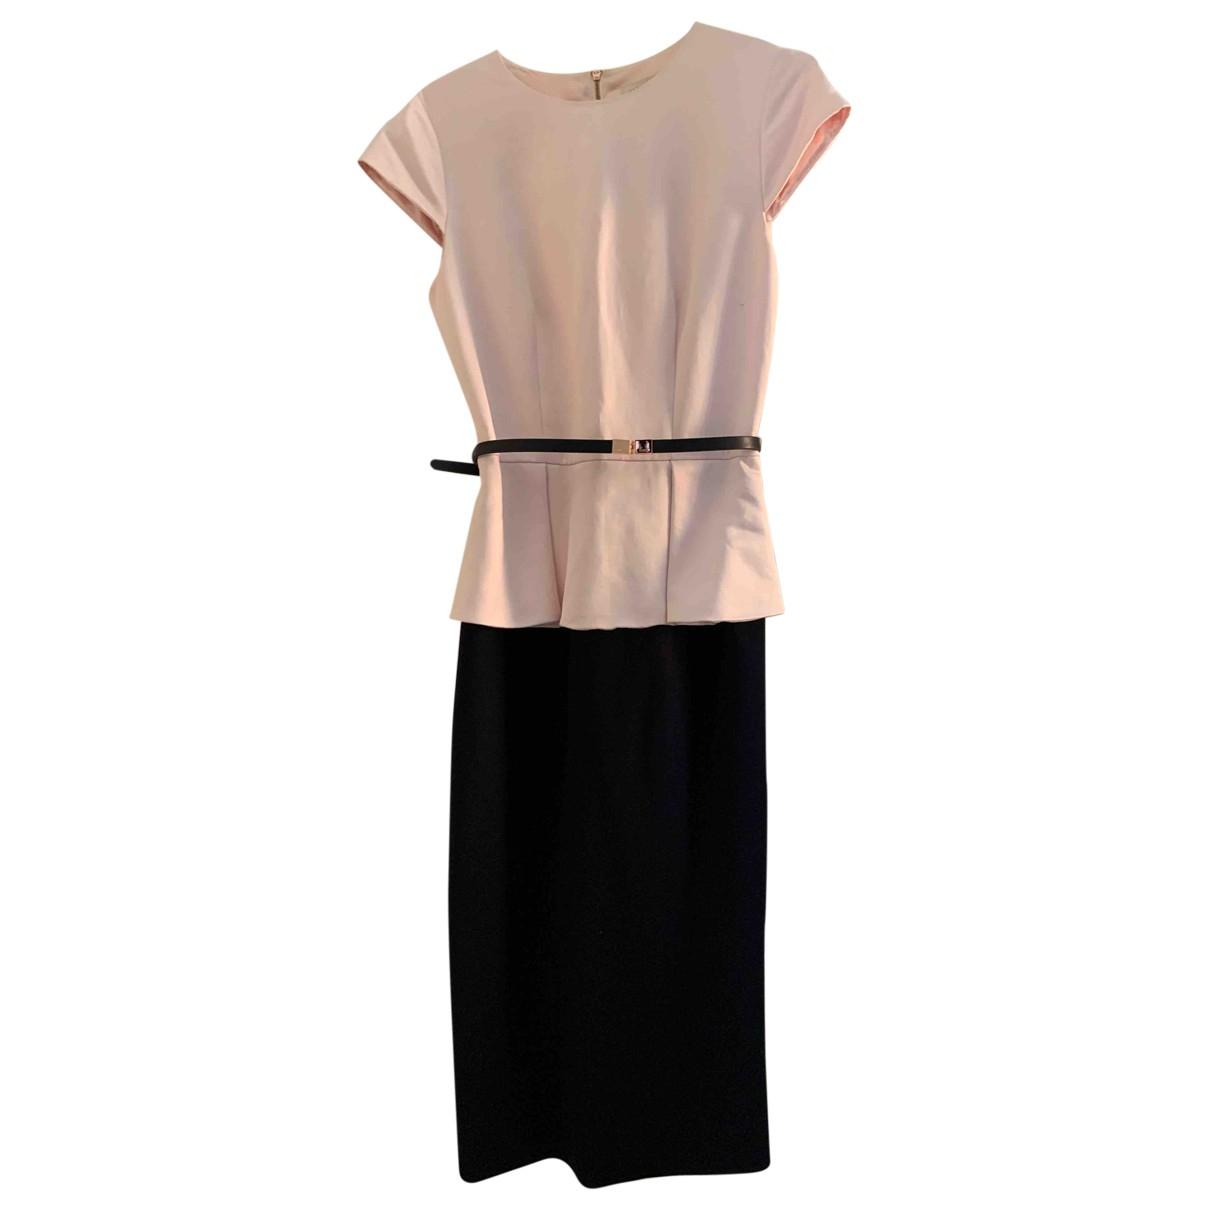 Ted Baker N Pink dress for Women 8 UK